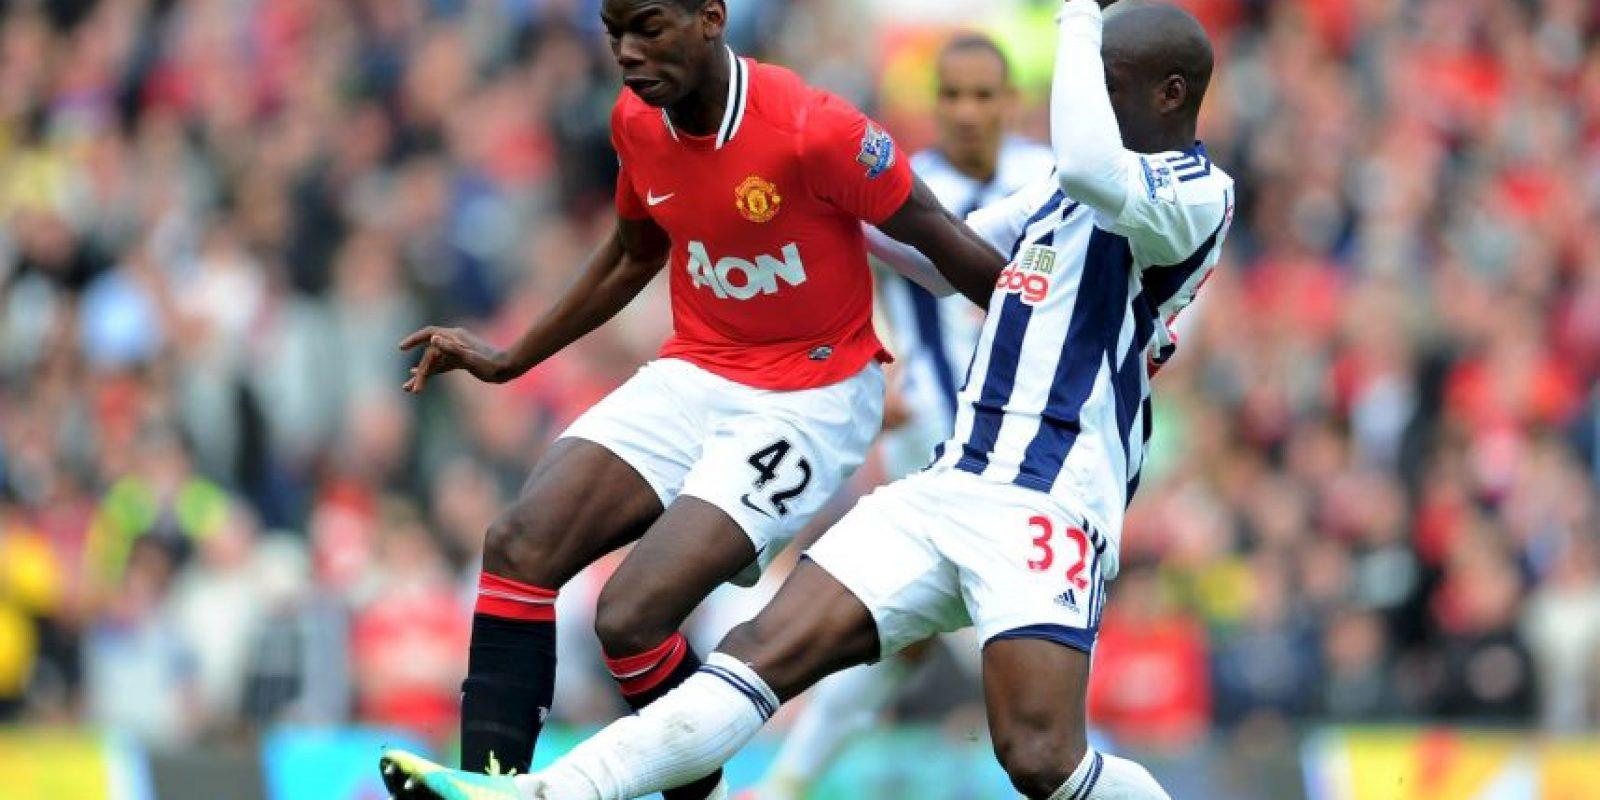 Paul Pogba debutó como profesional en Manchester United en 2011, cuando jugó 44 minutos ante Leeds United por la League Cup. Foto:Twitter